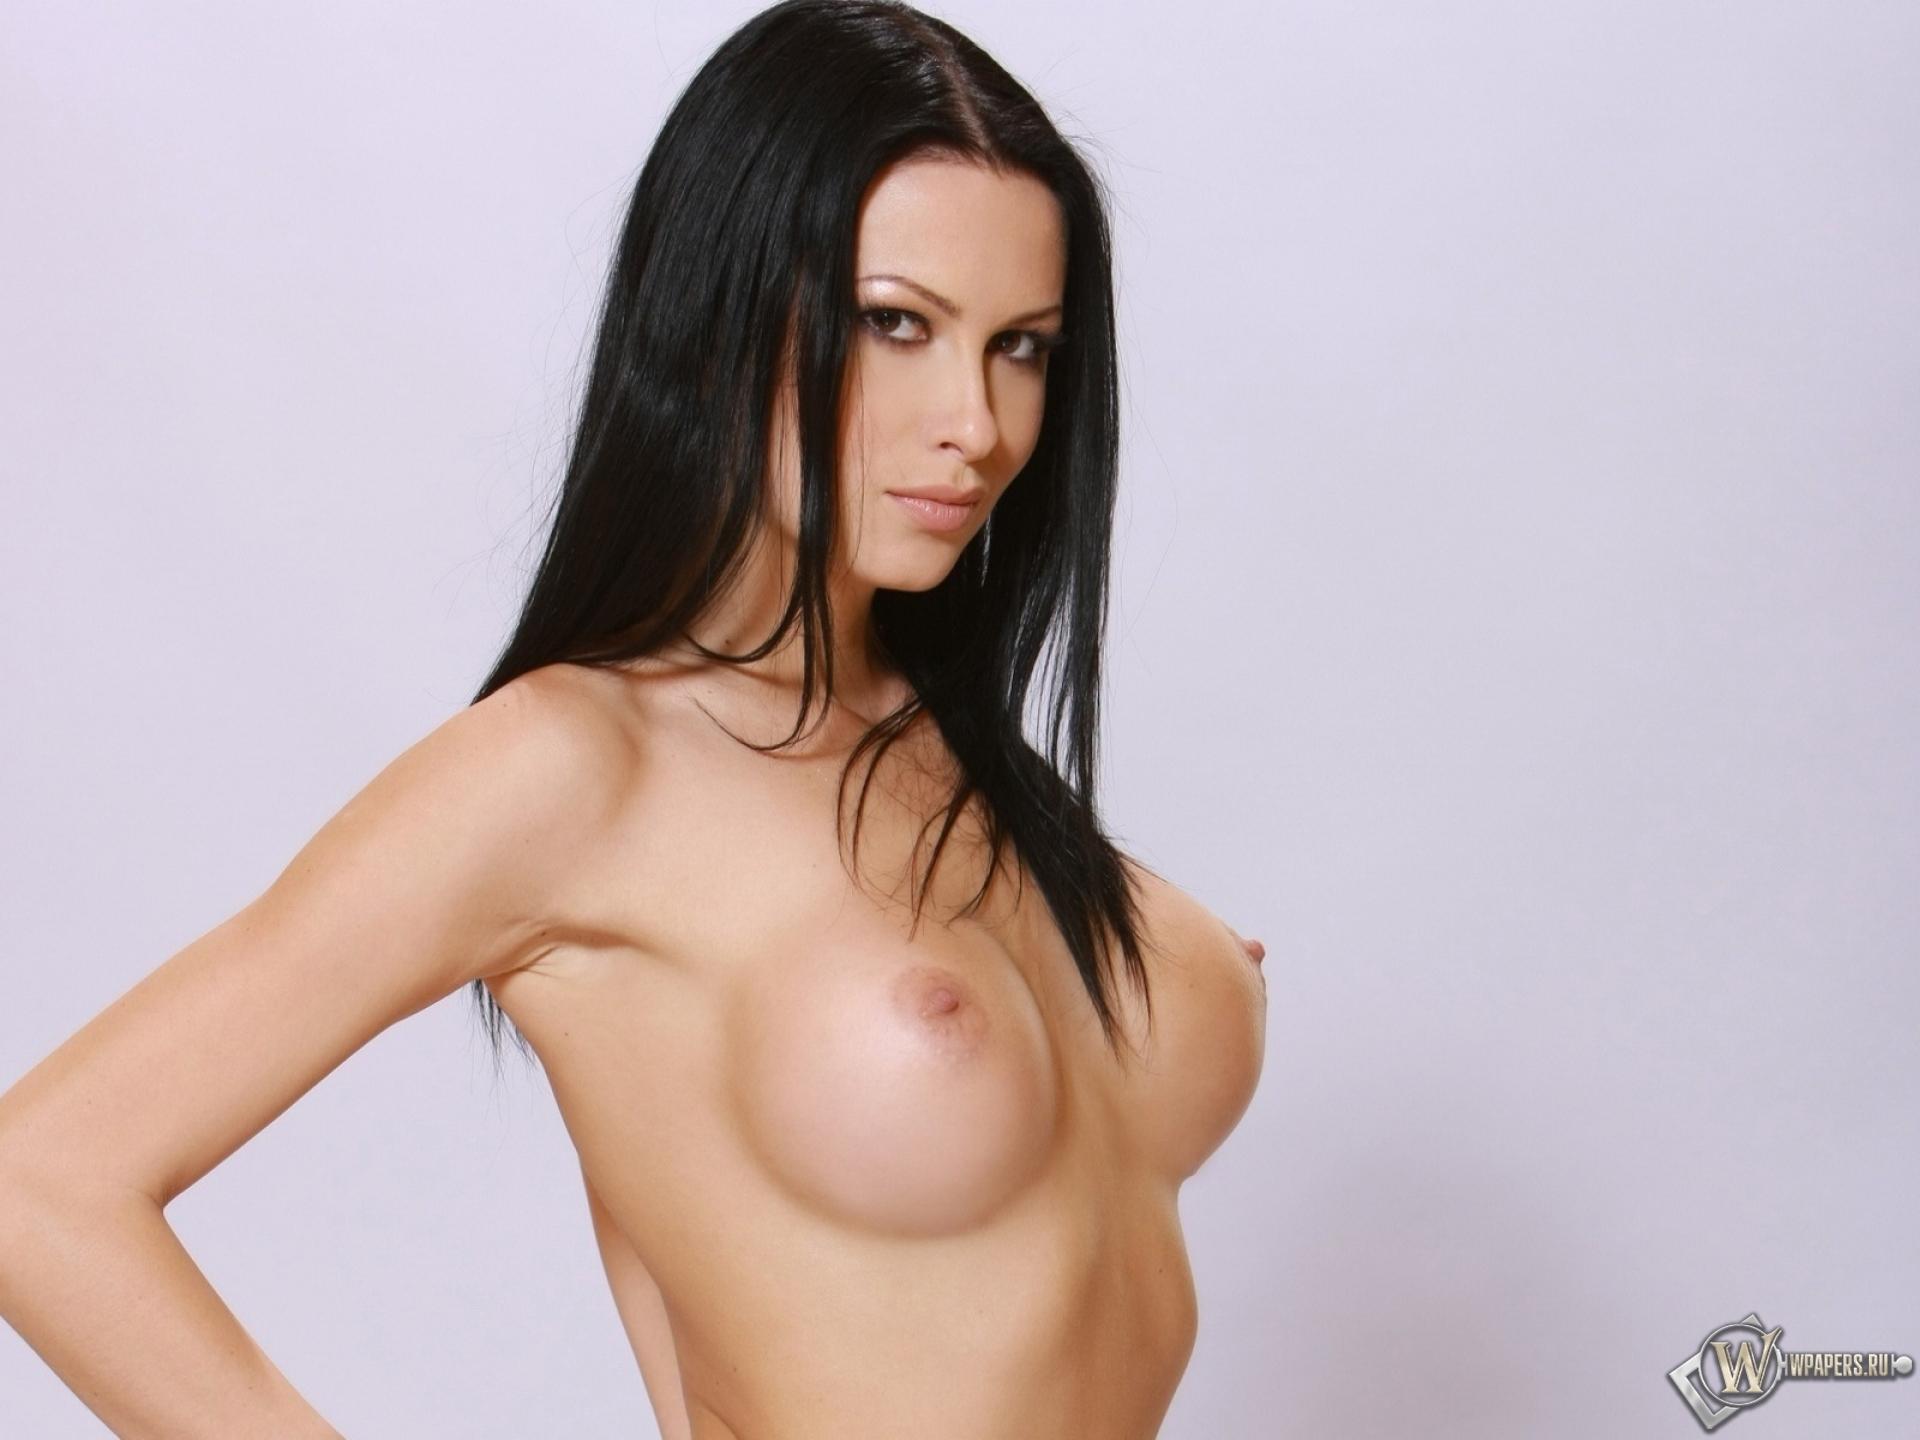 Фотосессия девушек брюнеток голых 2 фотография